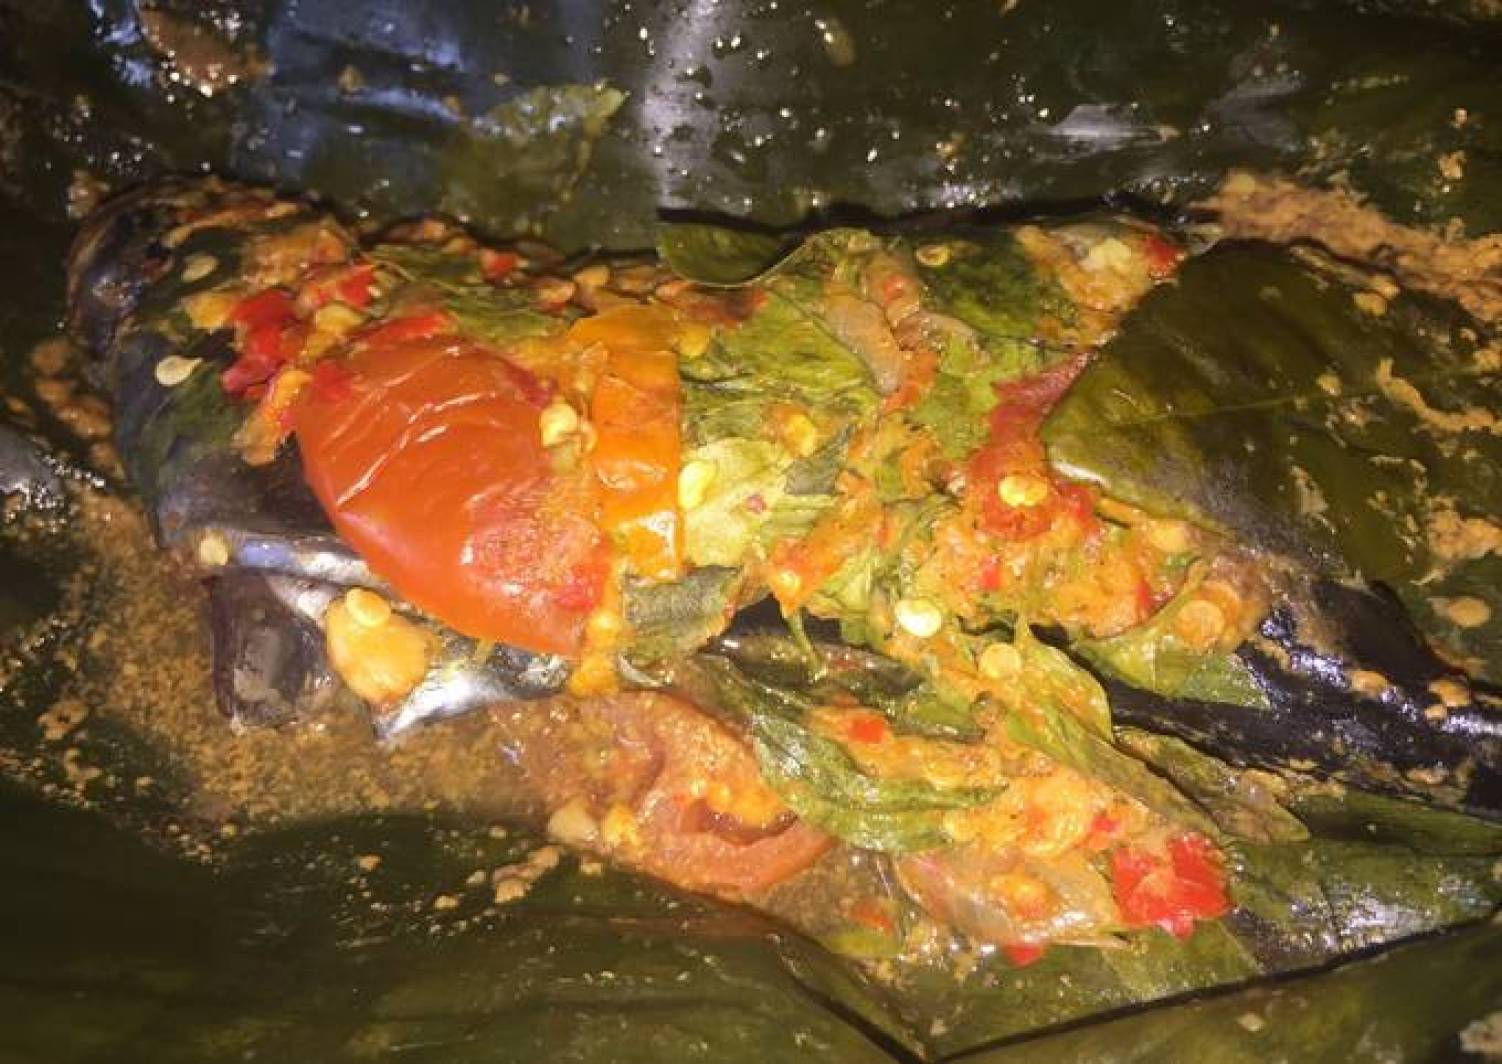 Langkah Mudah Untuk Menyiapkan Pepes Ikan Patin Kemangi Yang Menggugah Selera Mister Bumbu